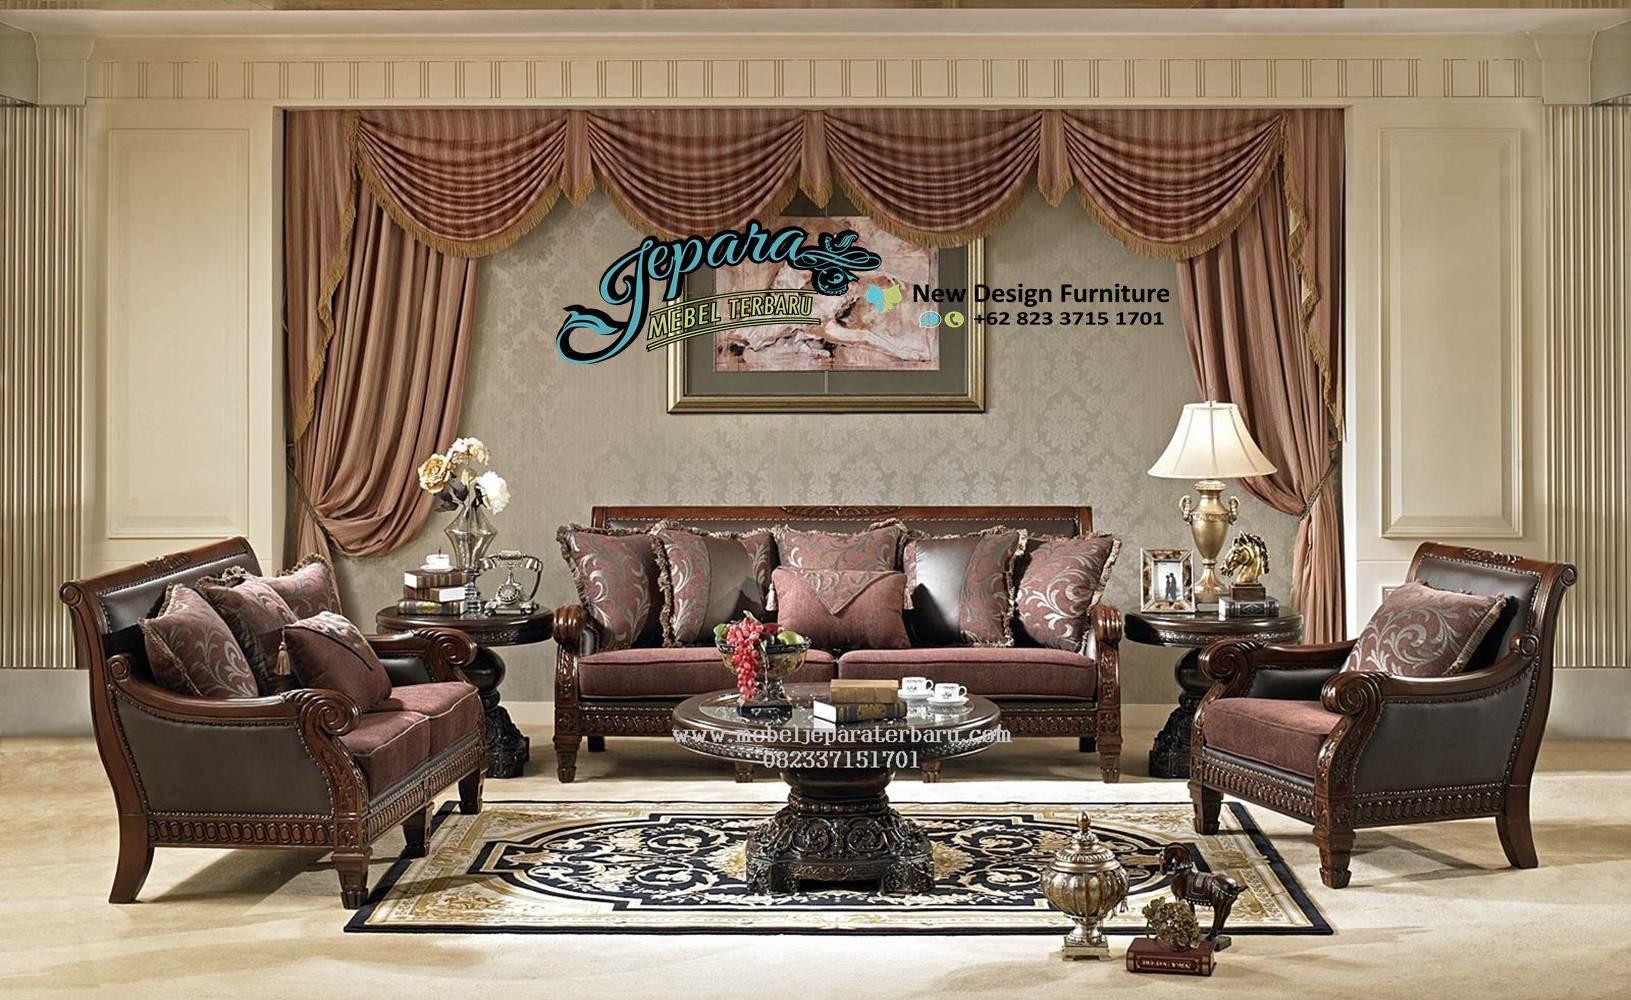 Kursi Sofa Tamu Minimalis Mewah Terbaru SST-042, Kursi Tamu Mewah, Mebel Jepara, Model Sofa Mewah Terbaru, Mebel Jepara Terbaru, Set Sofa Tamu Klasik, Sofa Jati Mewah, Sofa Jati Minimalis, Sofa Jepara Minimalis, Sofa Jepara Modern, Sofa Jepara Terbaru, Sofa Klasik Mewah, Sofa Tamu Klasik, Sofa Tamu Mewah, Sofa Tamu Klasik Model Italia Mewah Terbaru Florence, 1 Set Sofa Tamu, Furniture Jepara, Gambar Mebel Jepara, Gambar Sofa Ruang Tamu Terbaru, Harga Kursi Ruang Tamu Mewah, Harga Sofa Tamu Jepara, Jual Furniture Sofa Tamu, Kursi Klasik Mewah, Kursi Sofa Tamu Jepara Mewah Klasik Terbaru, Kursi Sofa Tamu Mewah Klasik Ukiran Jepara, Kursi Tamu Jepara